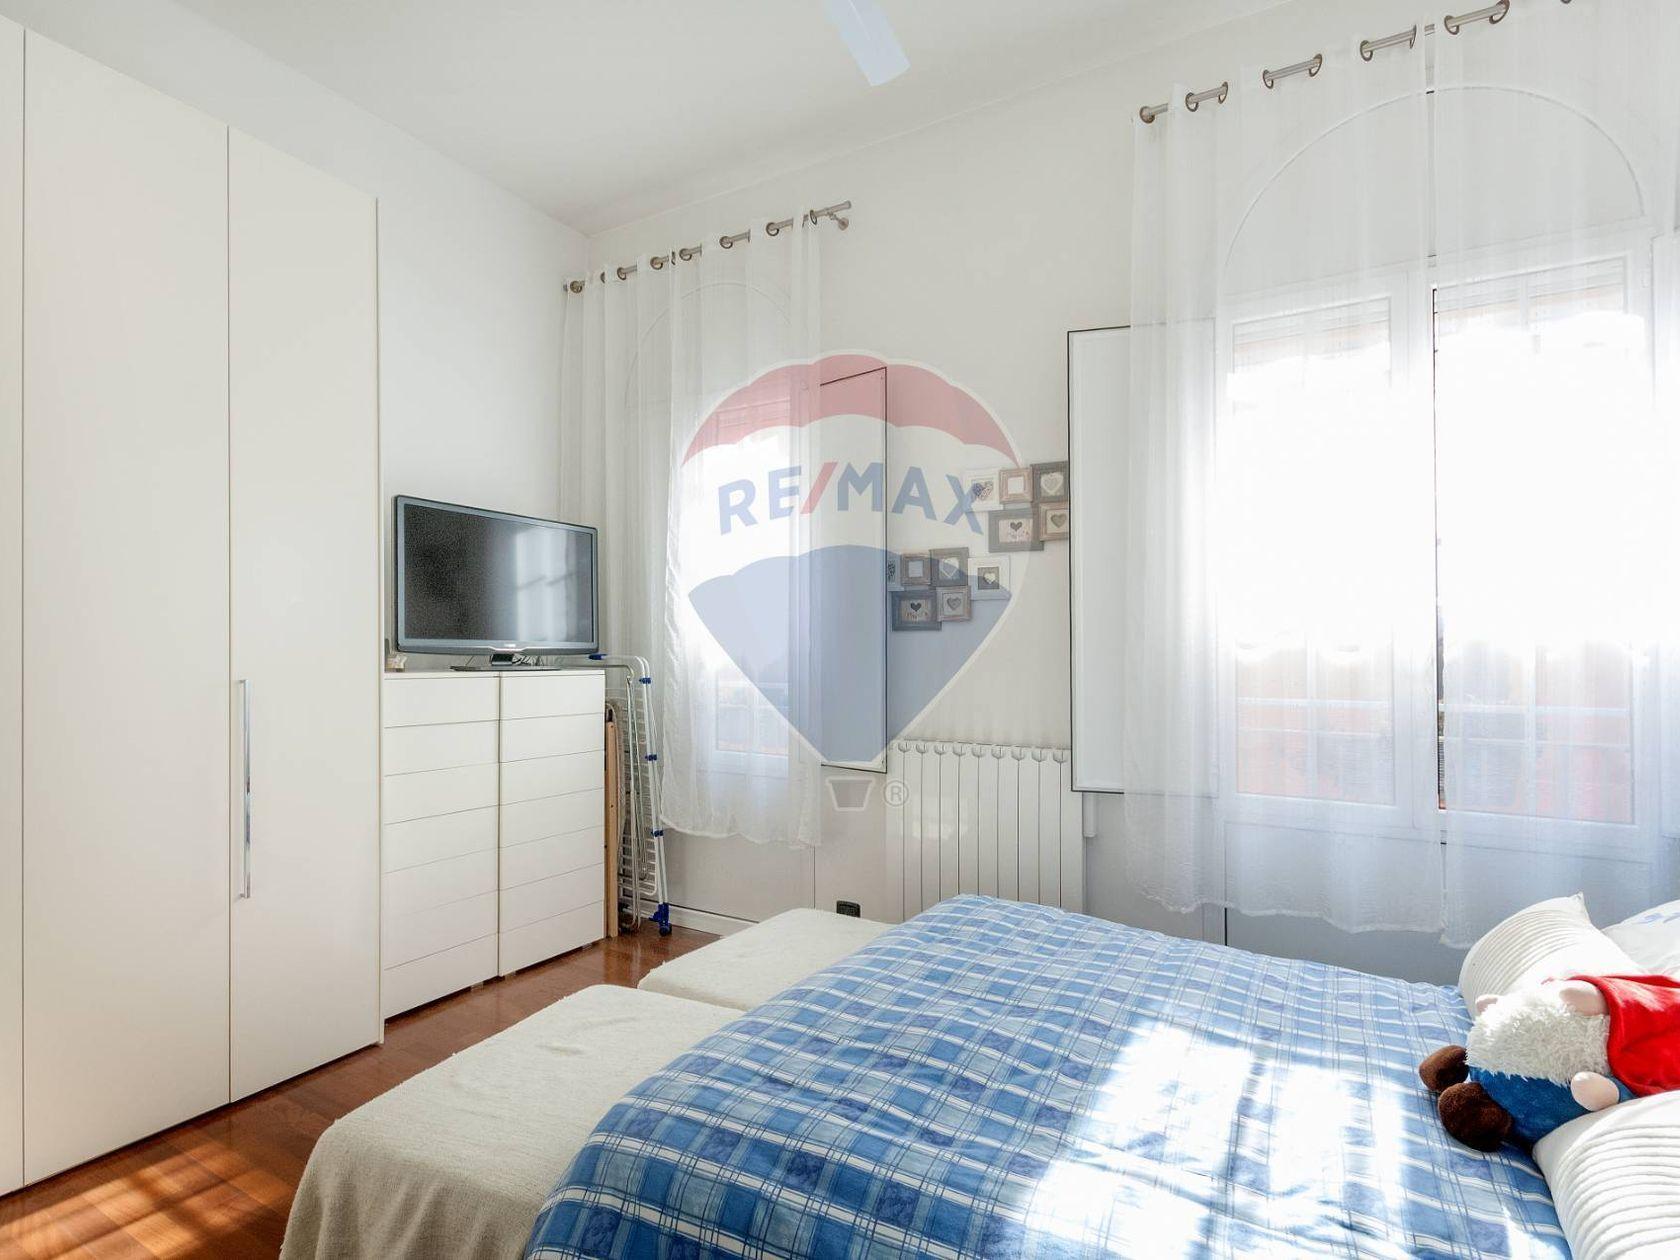 Appartamento Zona Centro Storico, San Giovanni in Persiceto, BO Vendita - Foto 17